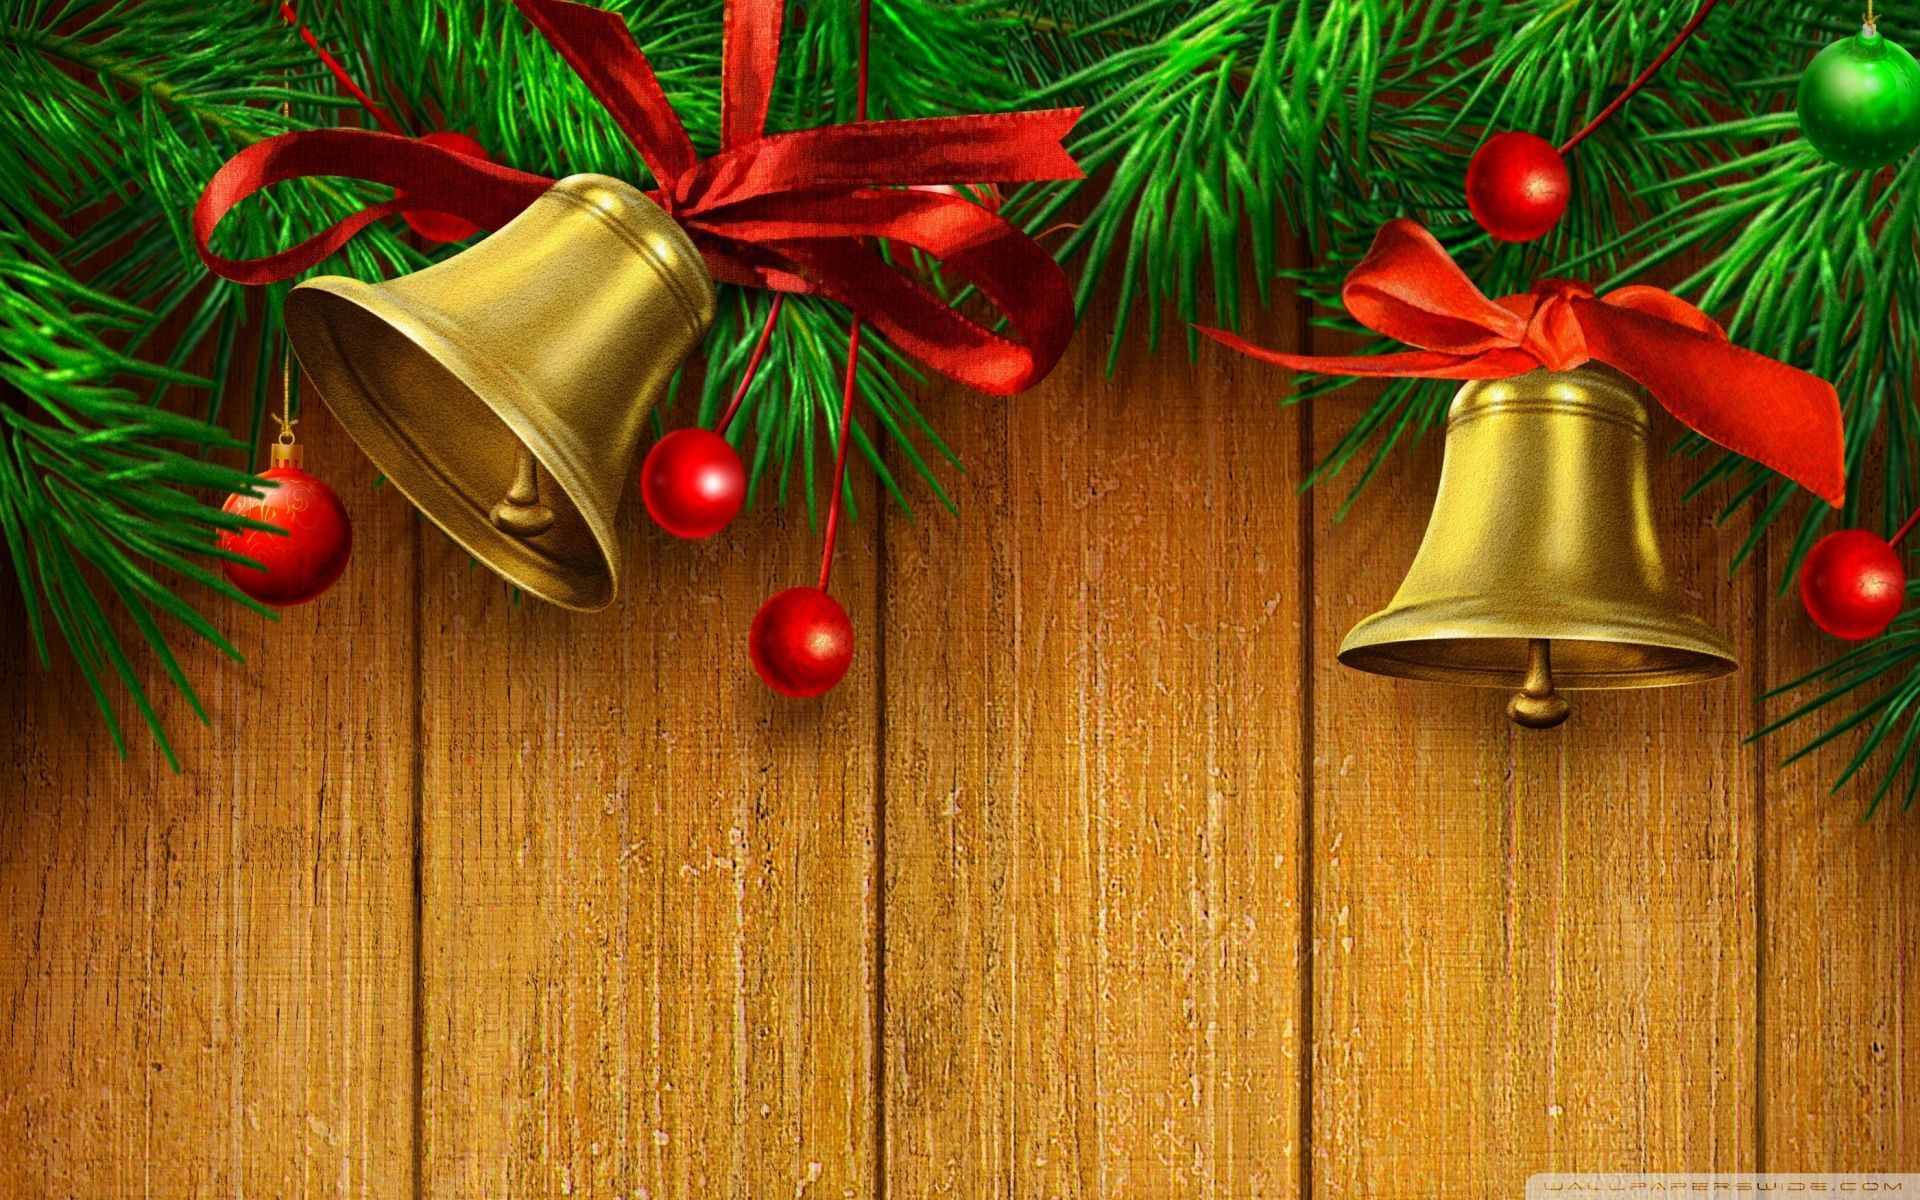 Fondos De Pantalla Navidenos: Cincuenta Fondos De Pantallas De Navidad Y Año Nuevo Para